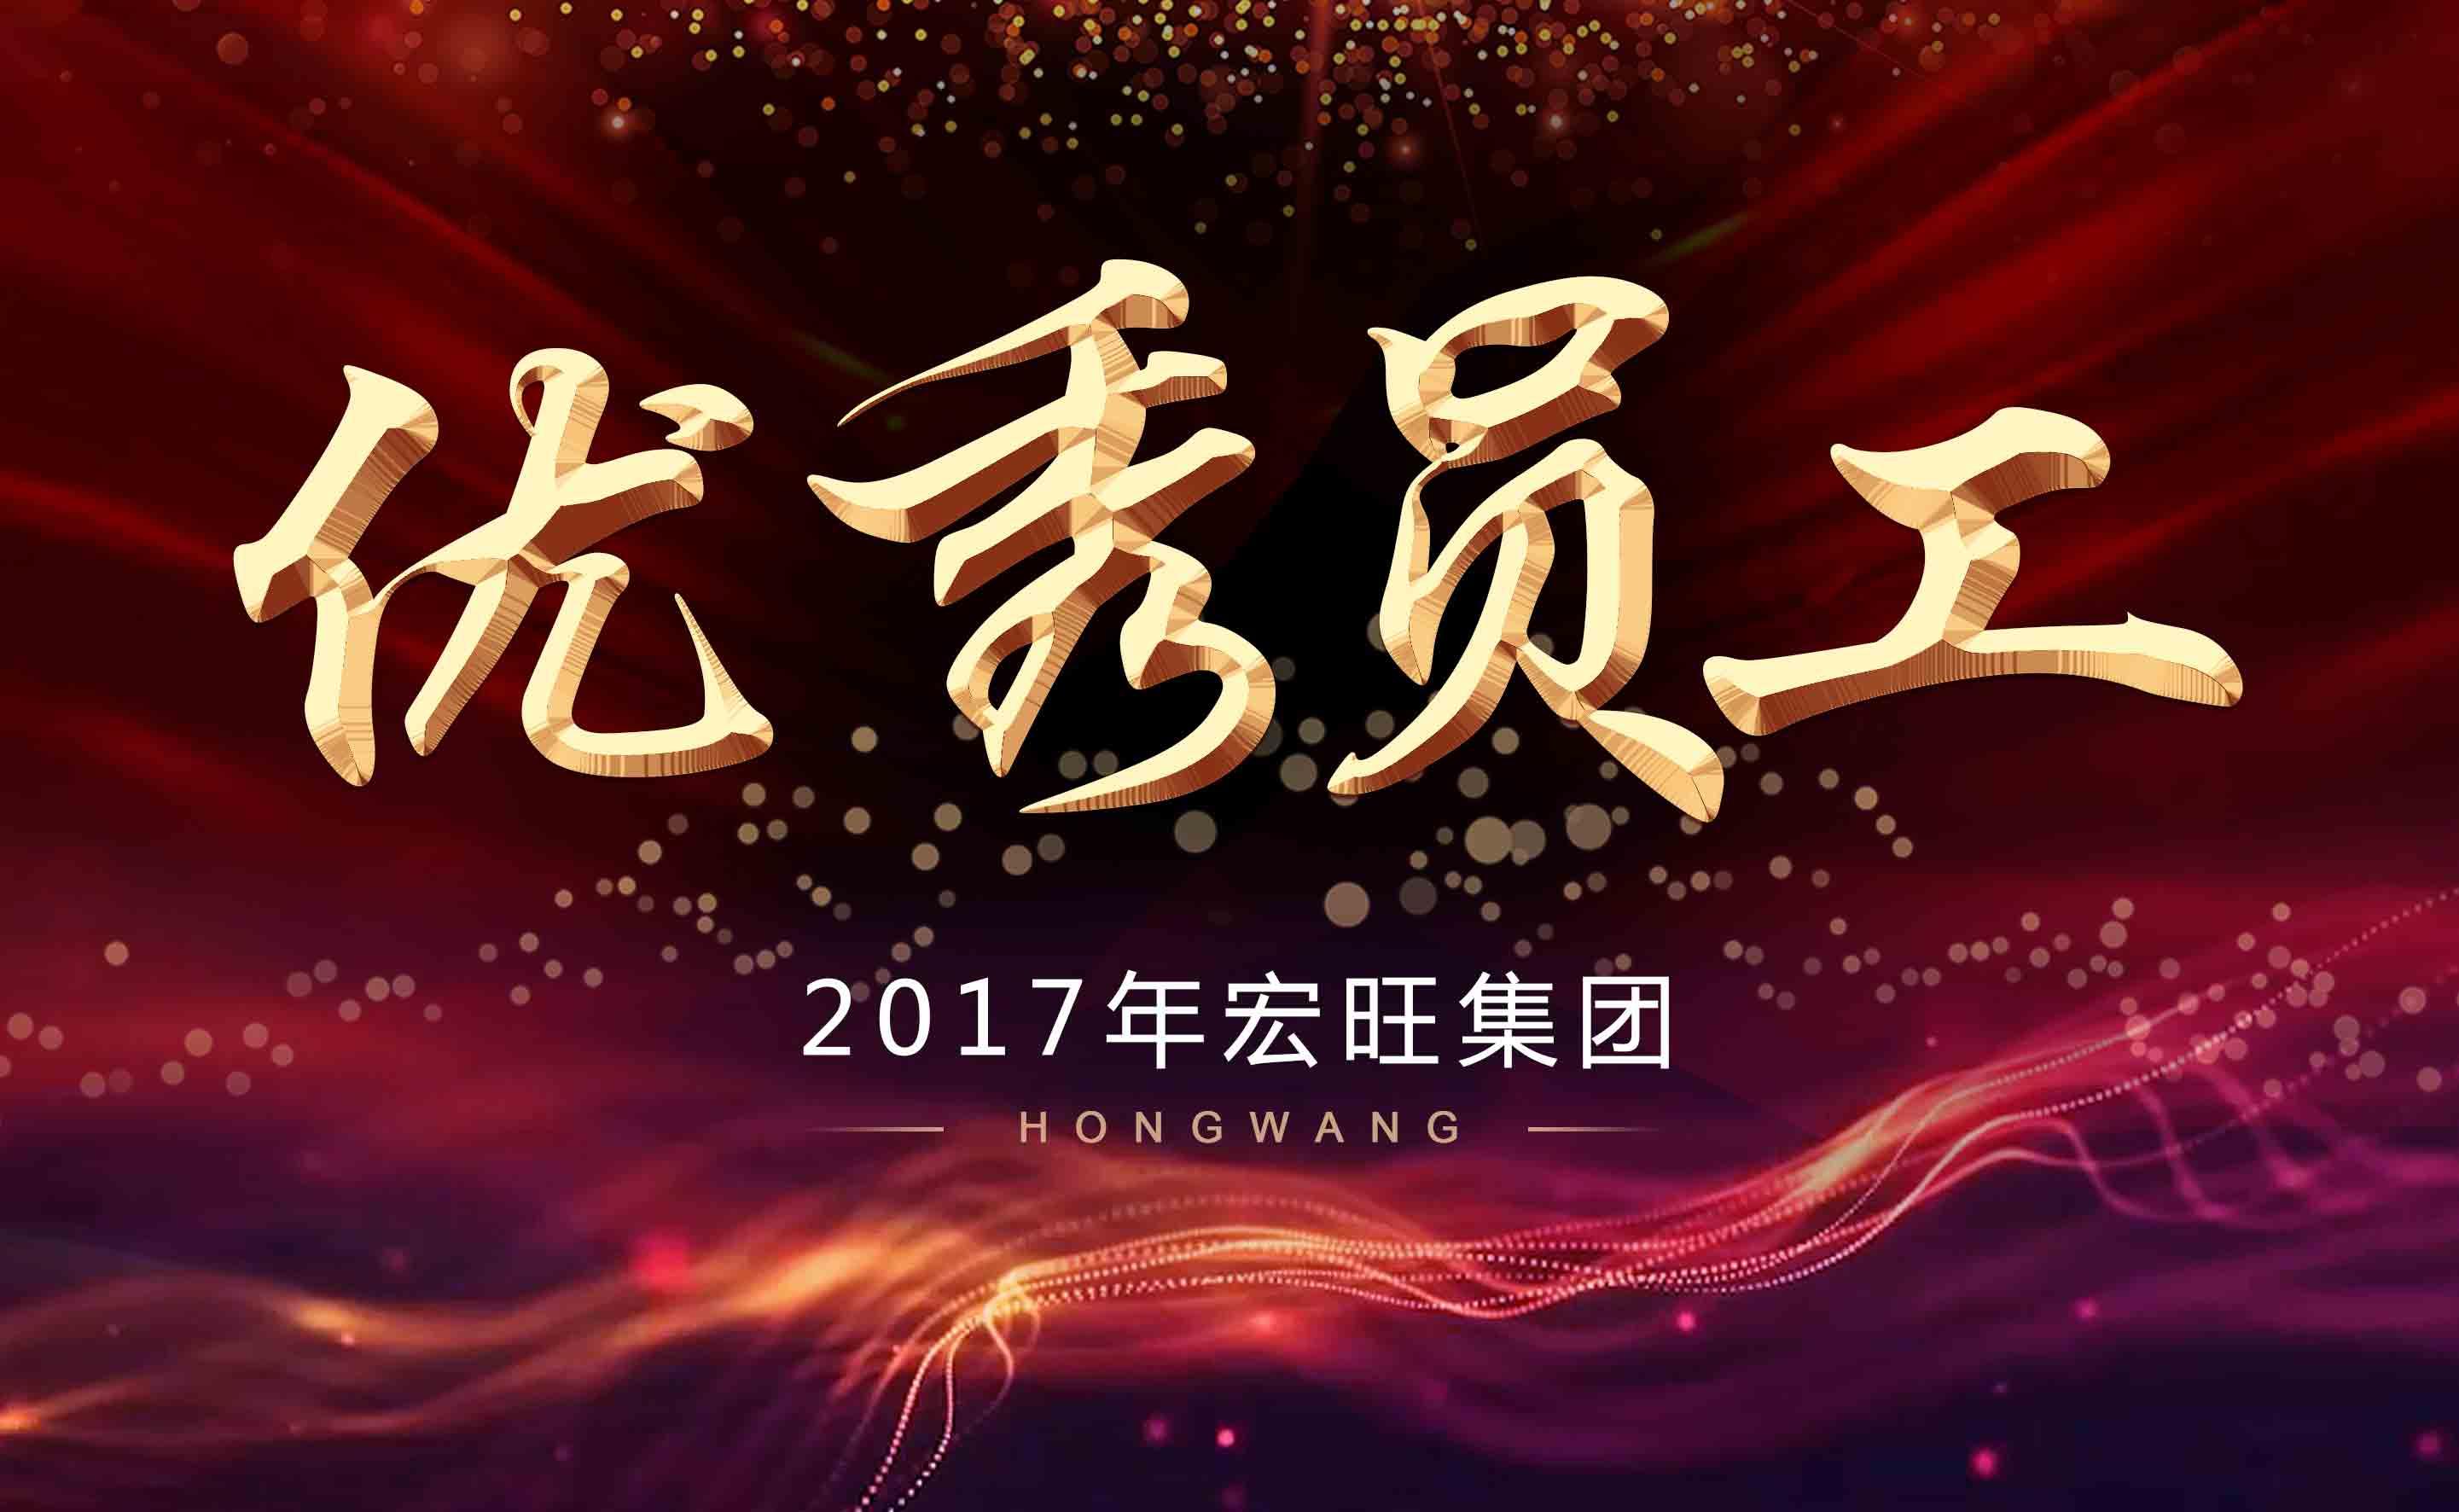 2017年雷竞技官网-raybet雷竞技登录-raybet雷竞技 最佳电子竞技即时竞猜平台优秀员工